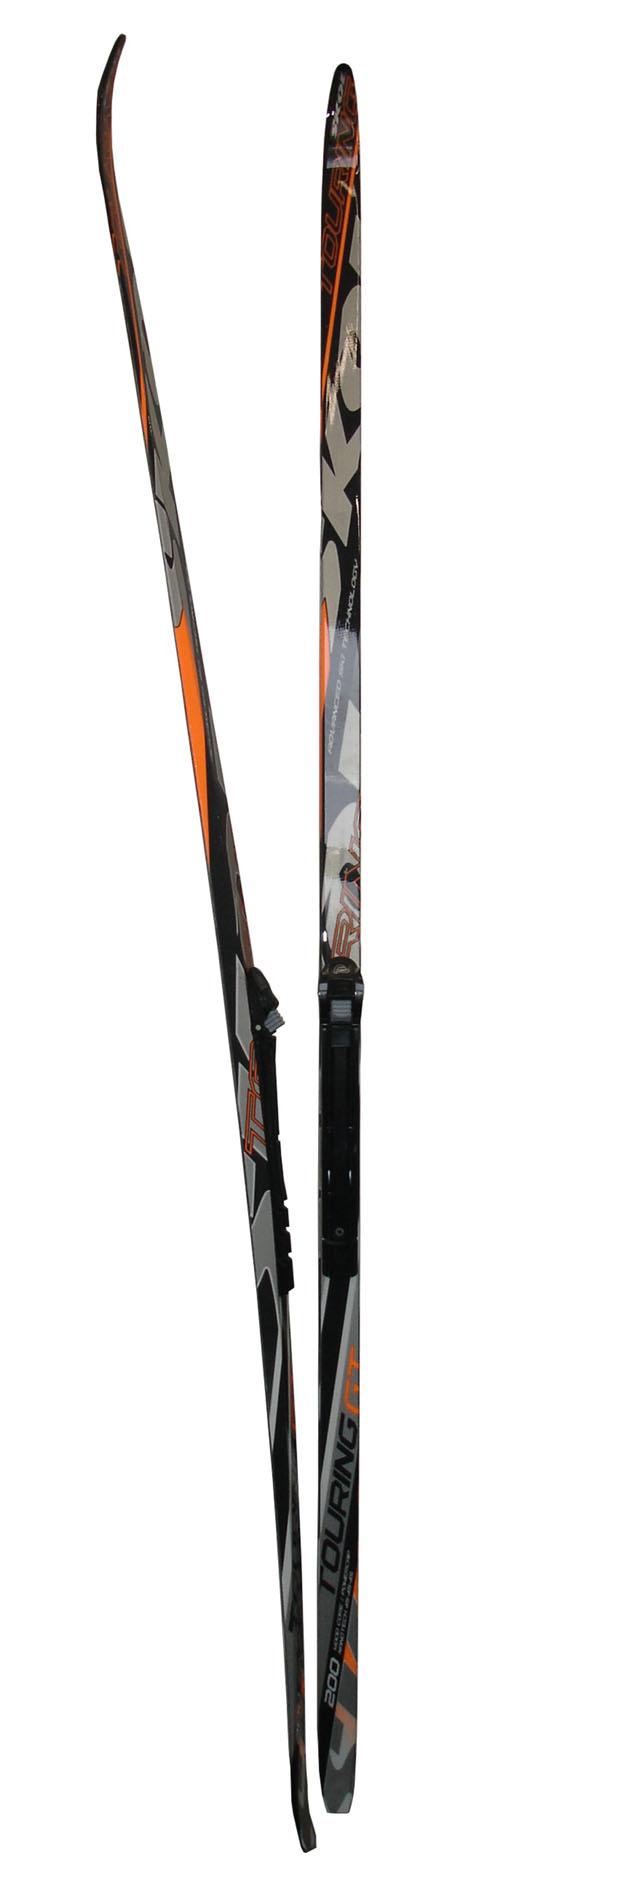 LSS-200 Běžecké lyže s vázáním SNS